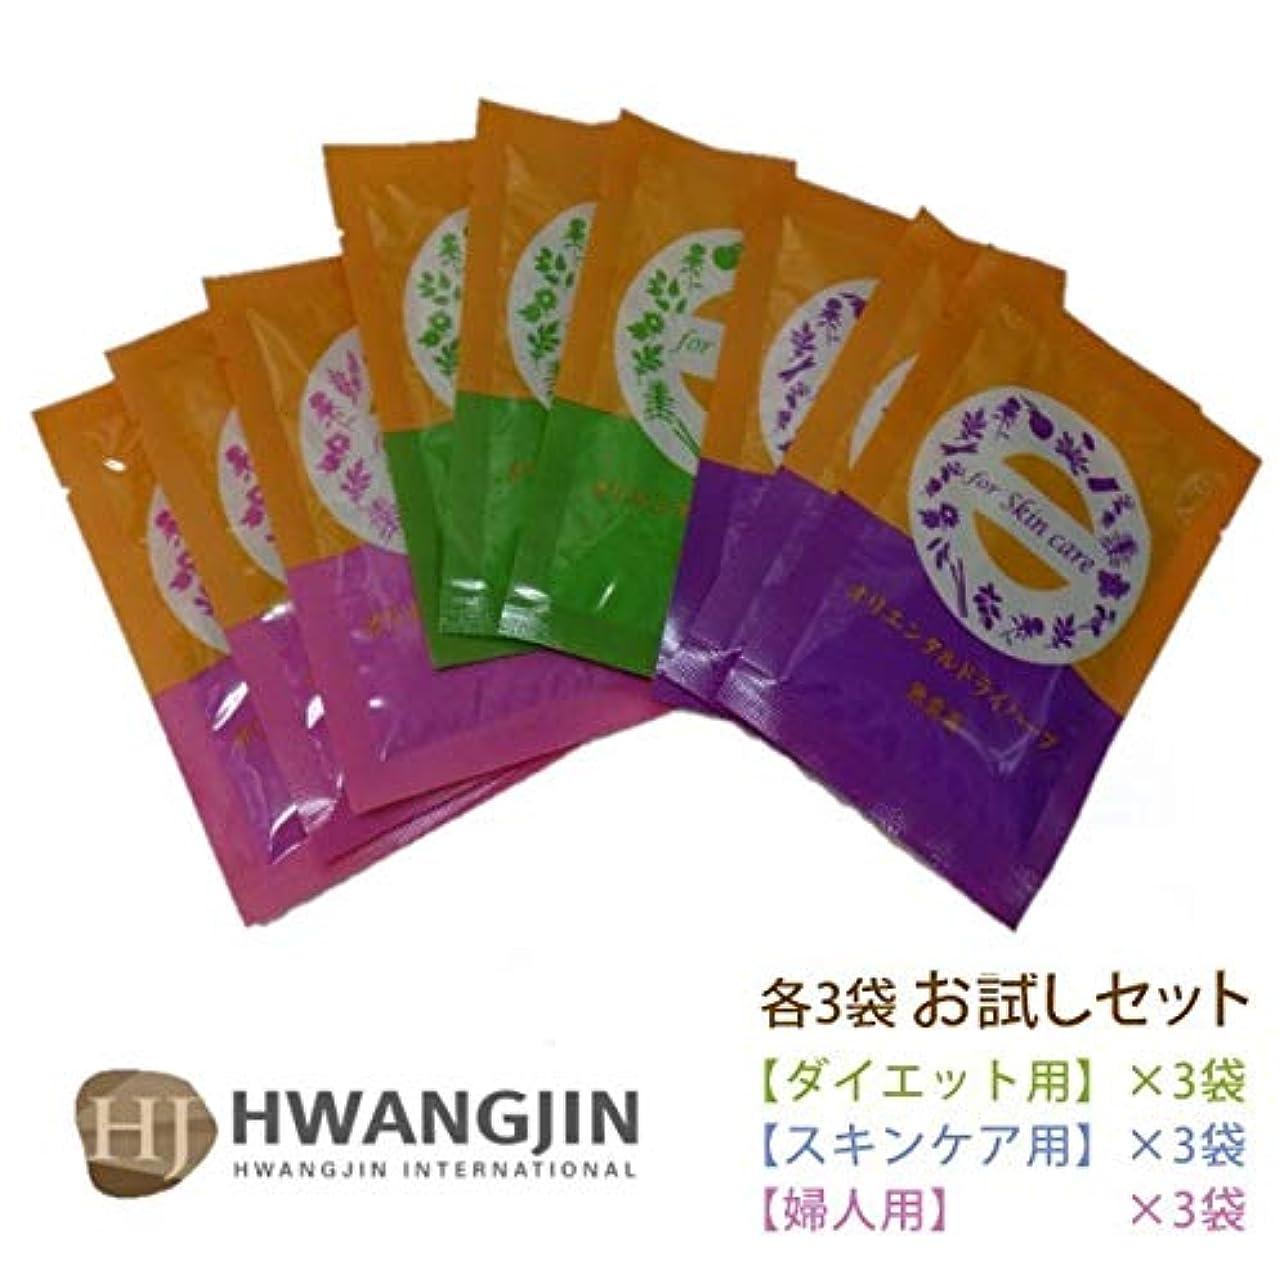 抽象化熟達バイナリファンジン黄土 座浴剤 9袋 正規品 (3種(ダイエット、女性、皮膚美容)各3 計9袋)